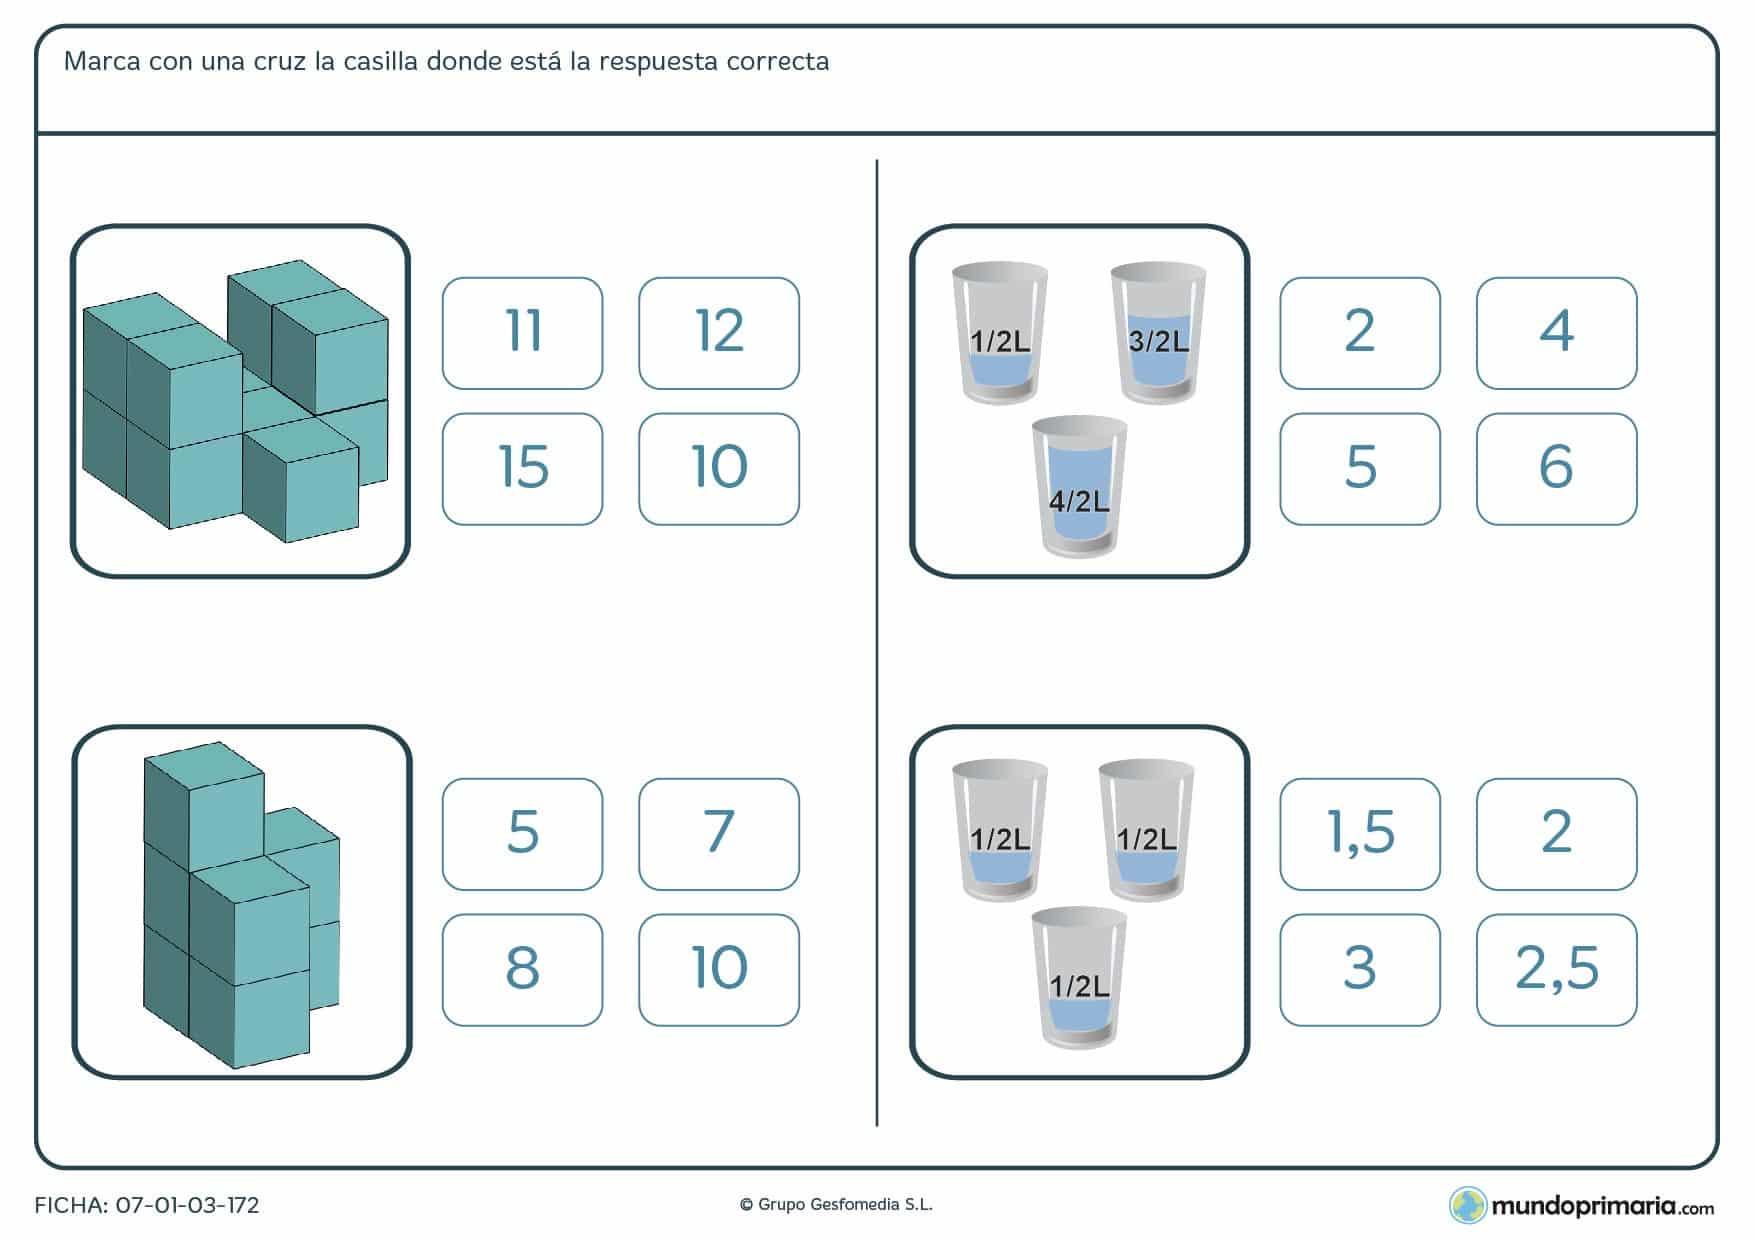 Observa con atención las imágenes y marca la casilla que contenga el número de unidades de capacidad y volumen.